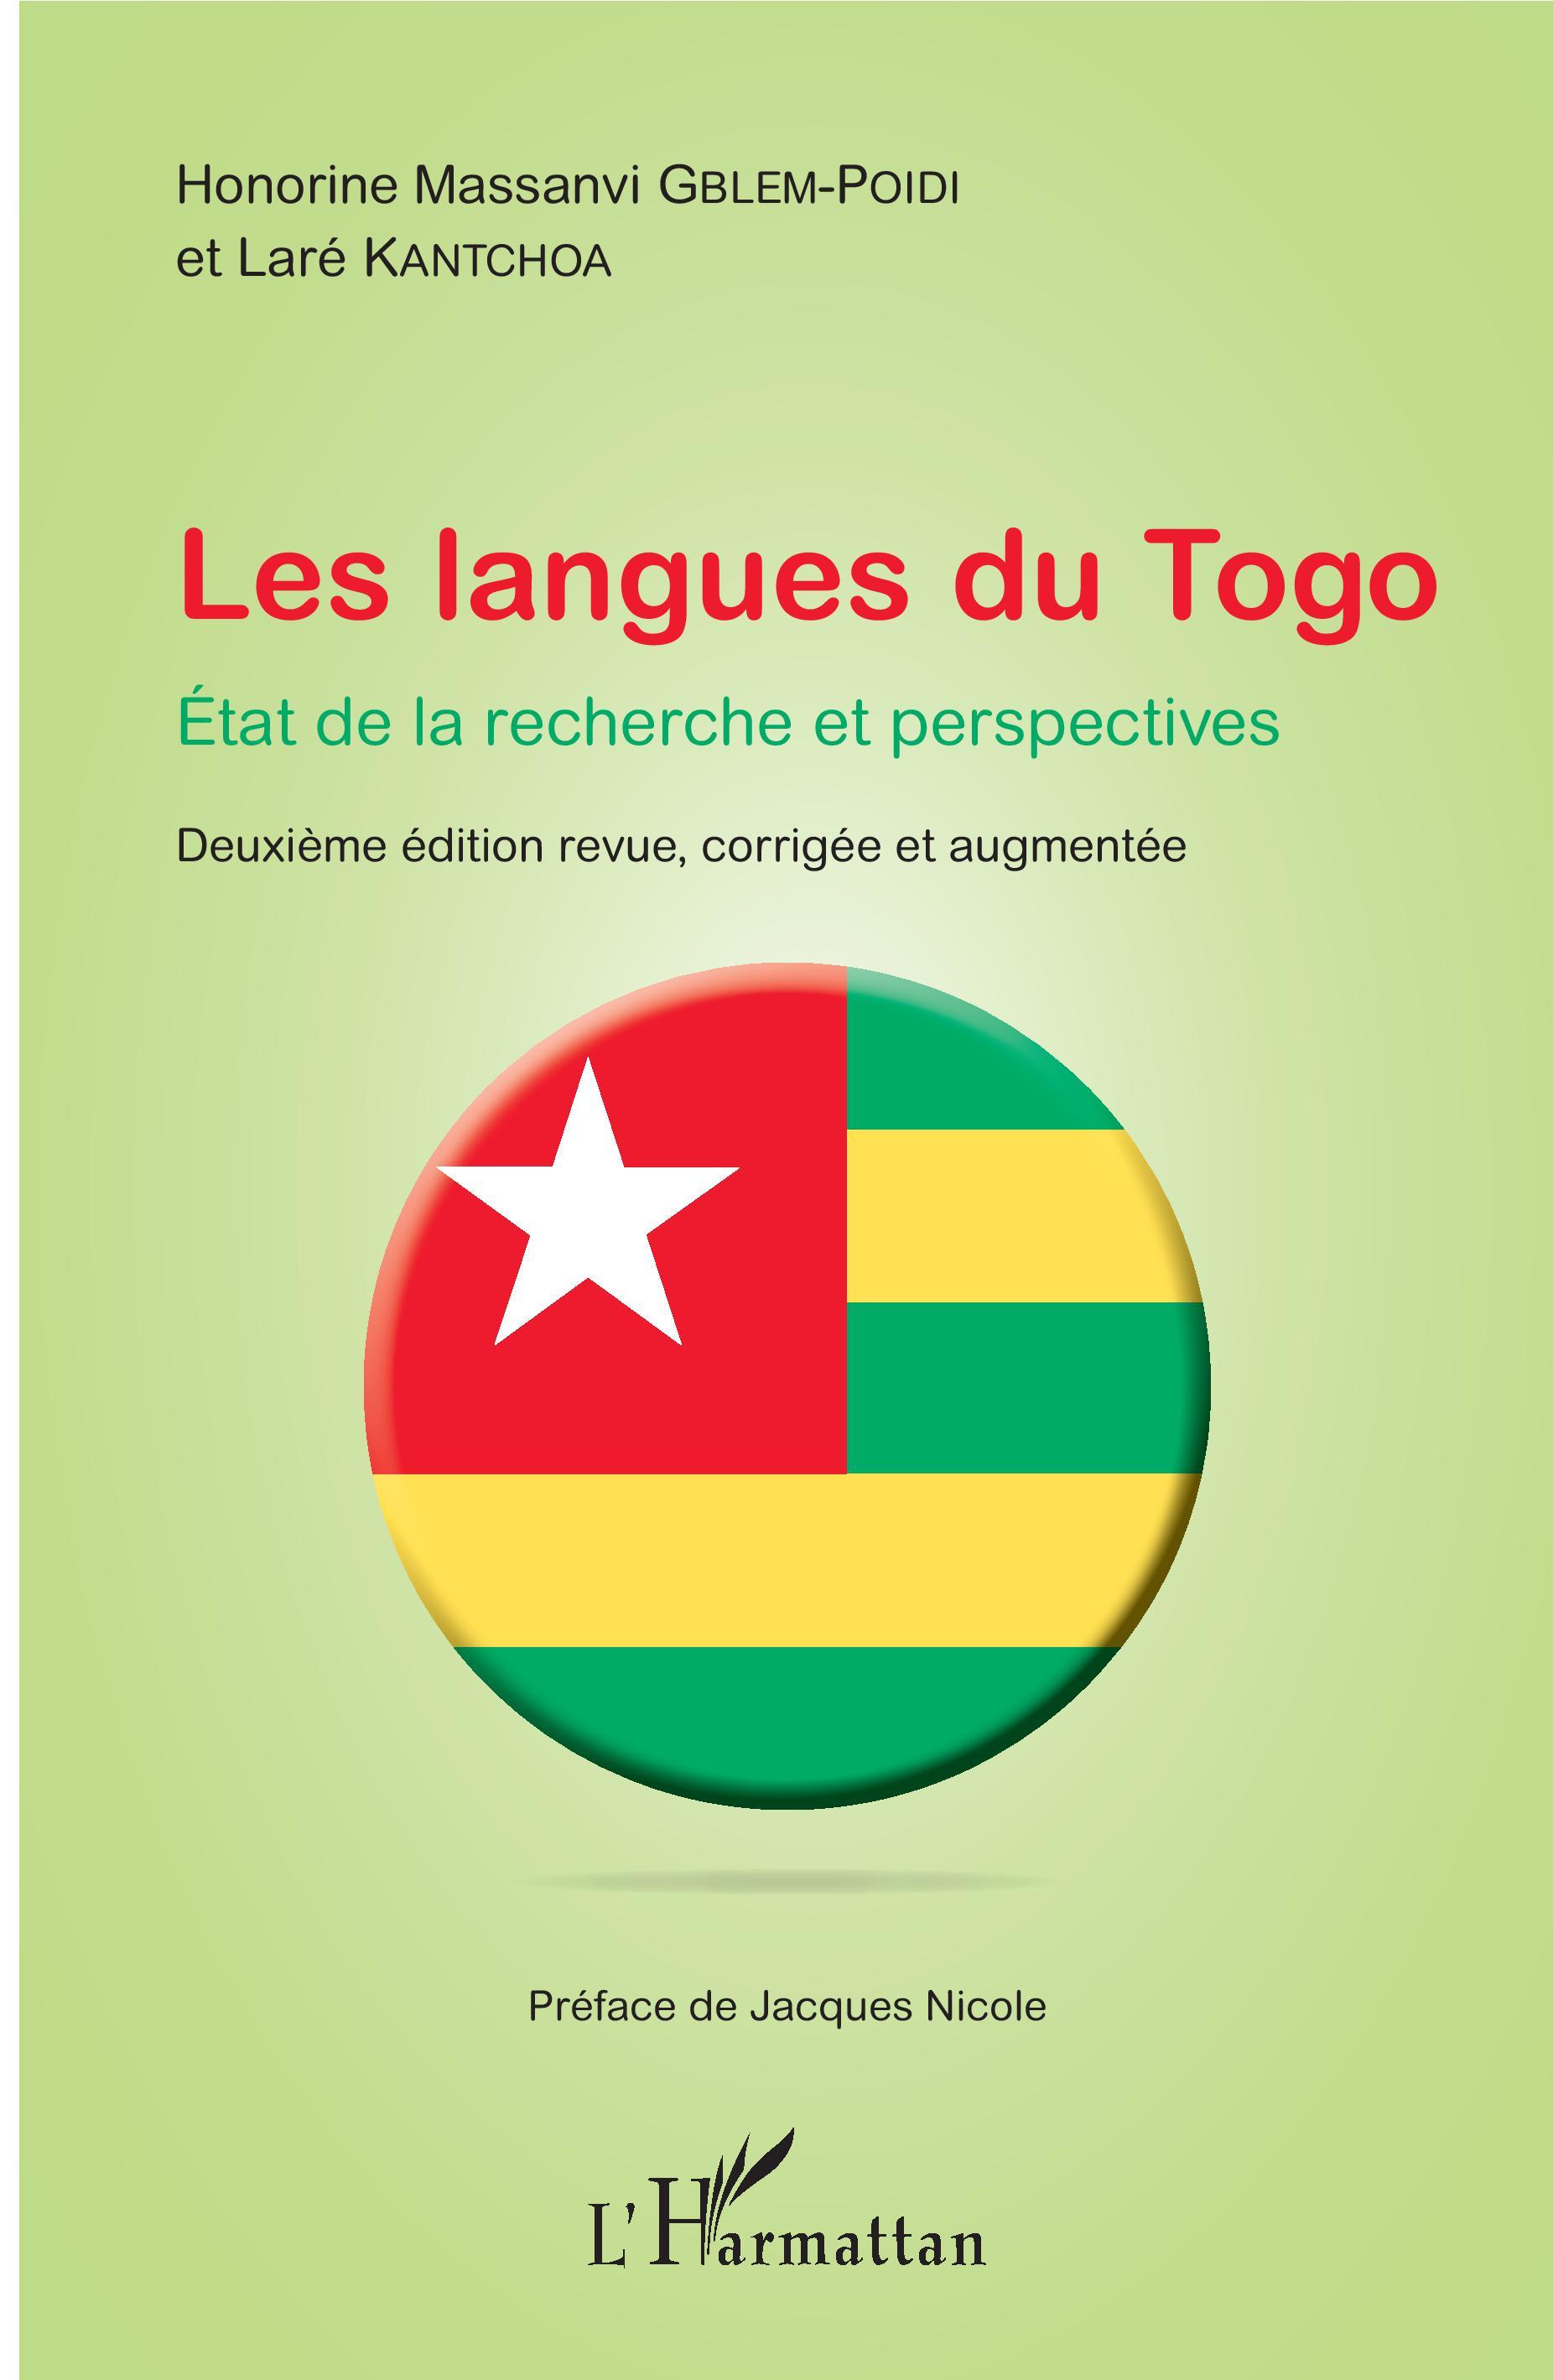 Les langues du Togo. Etat de la recherche et perspectives |